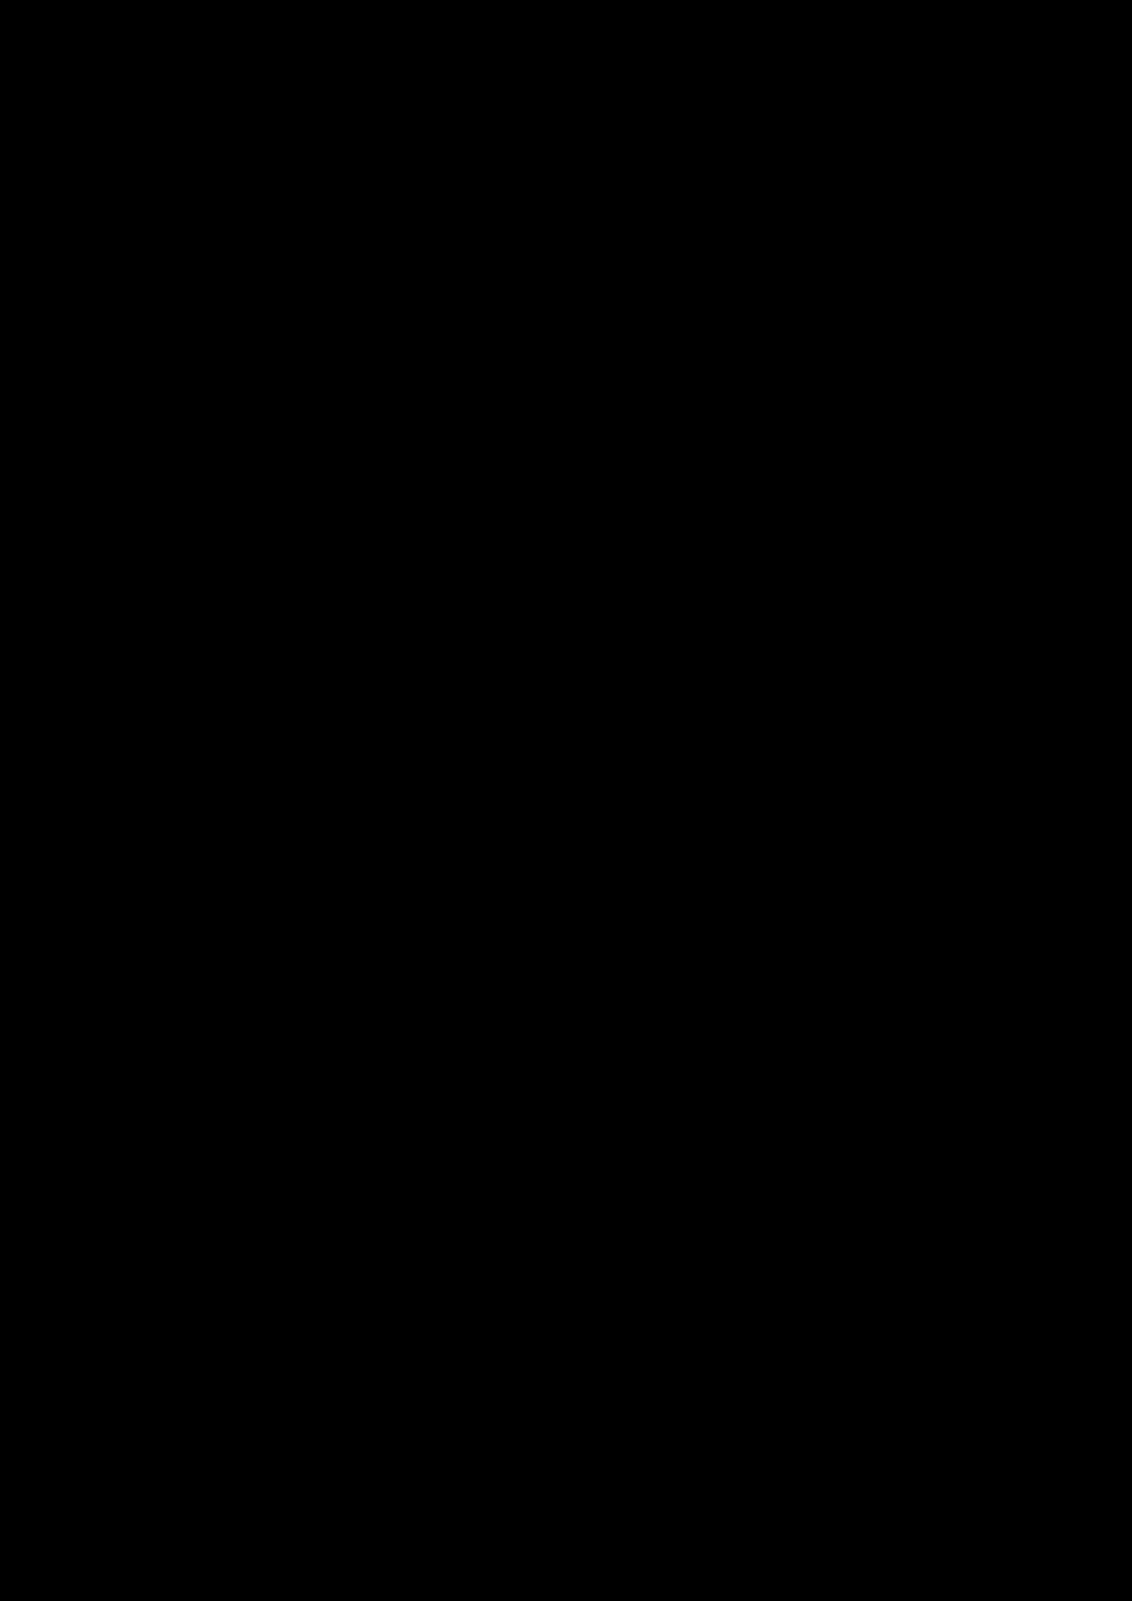 Zagadka volshebnoy stranyi slide, Image 177